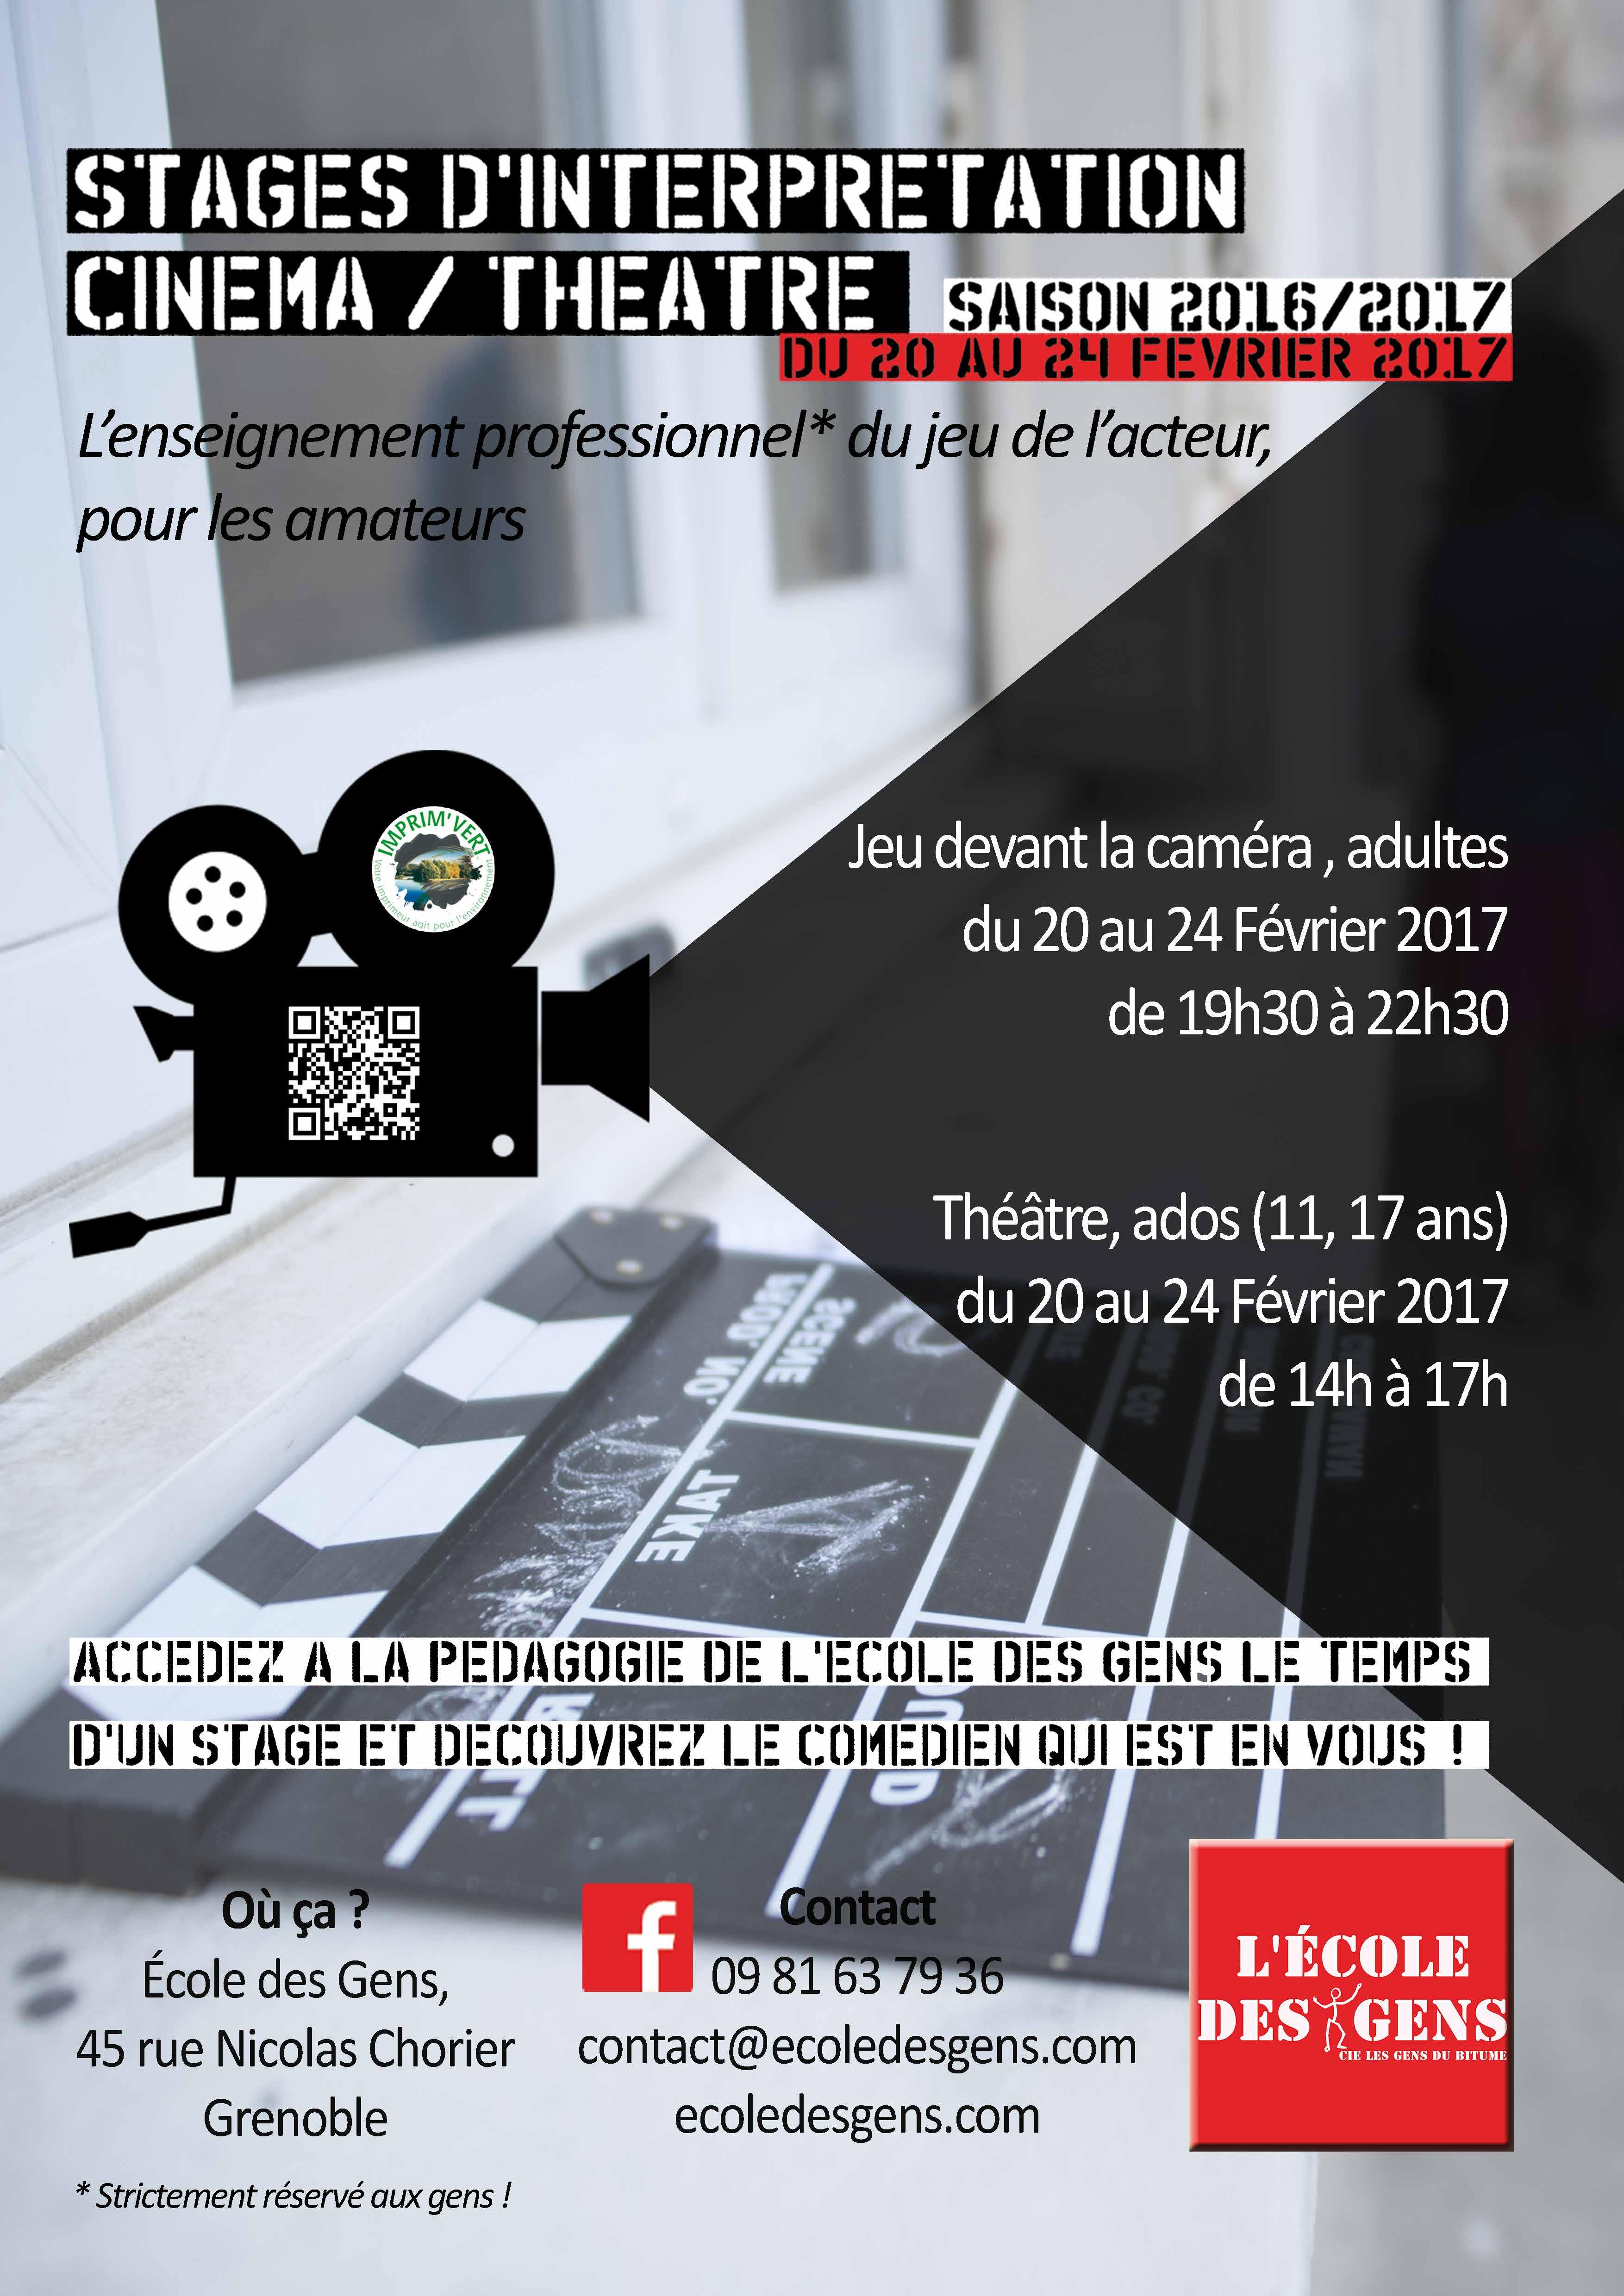 Affiche EdG cinéma